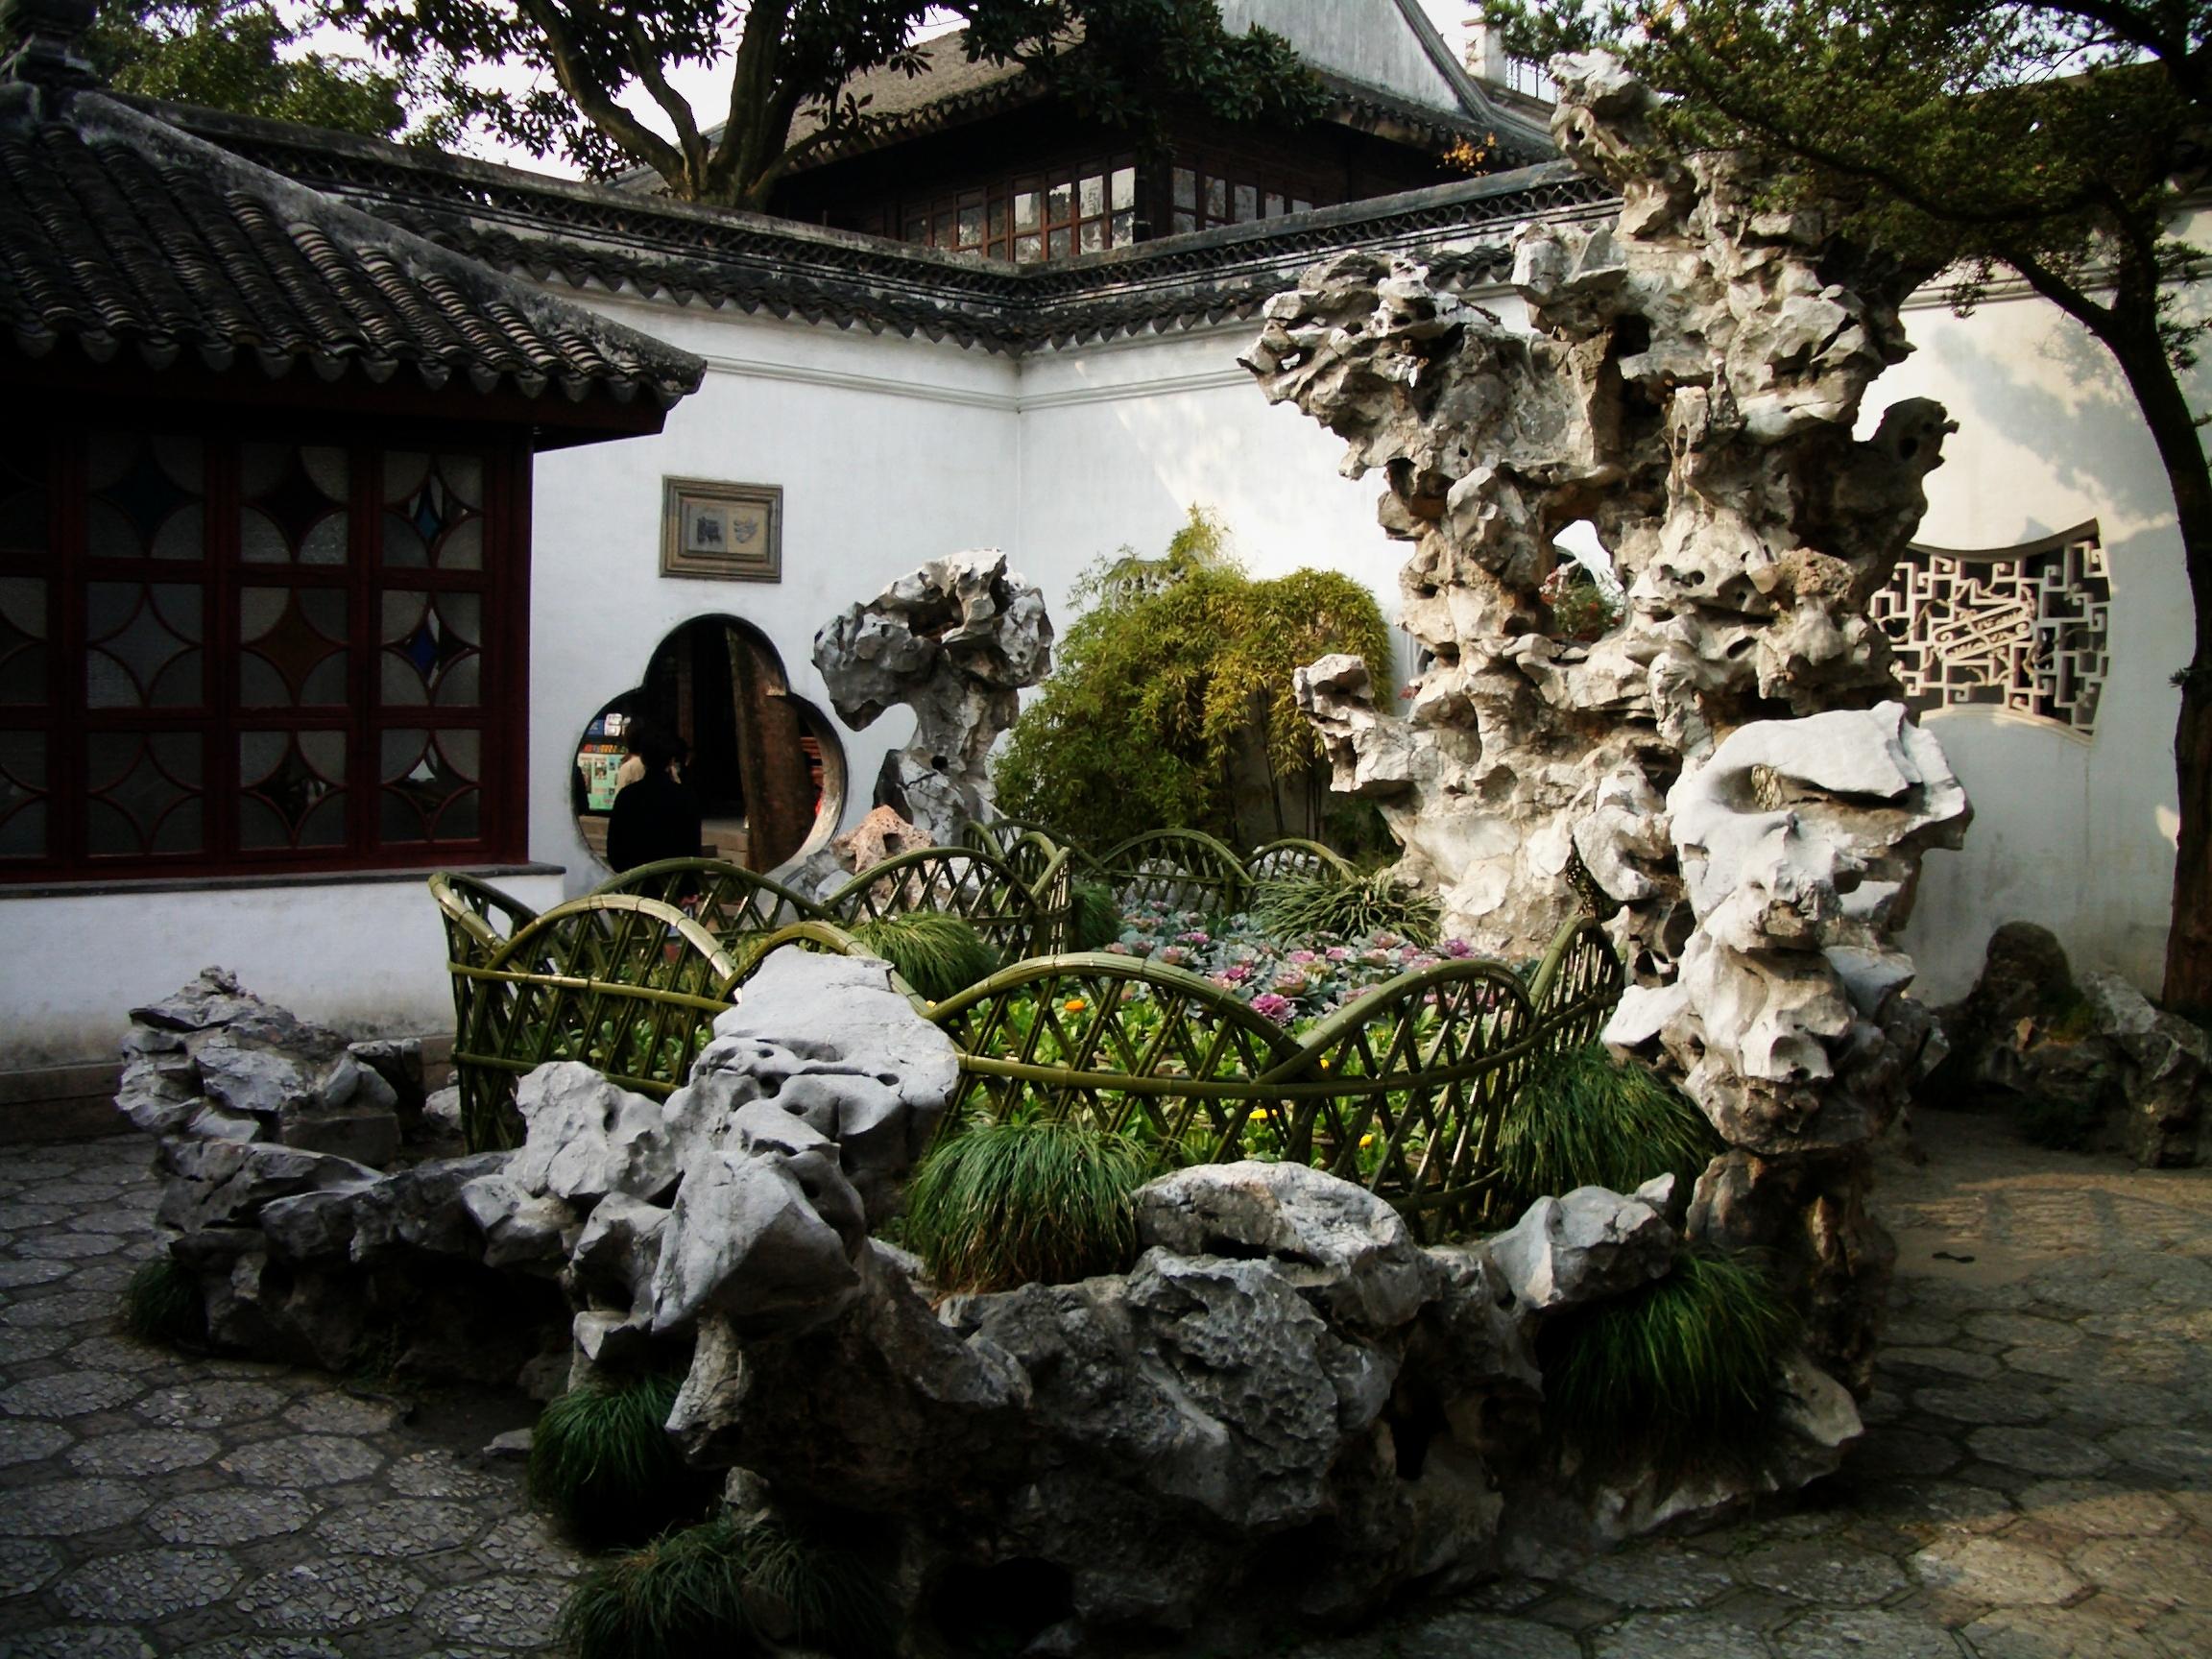 苏州狮子林、周庄、杭州西湖巴士3日跟团游周庄水乡、苏杭美景